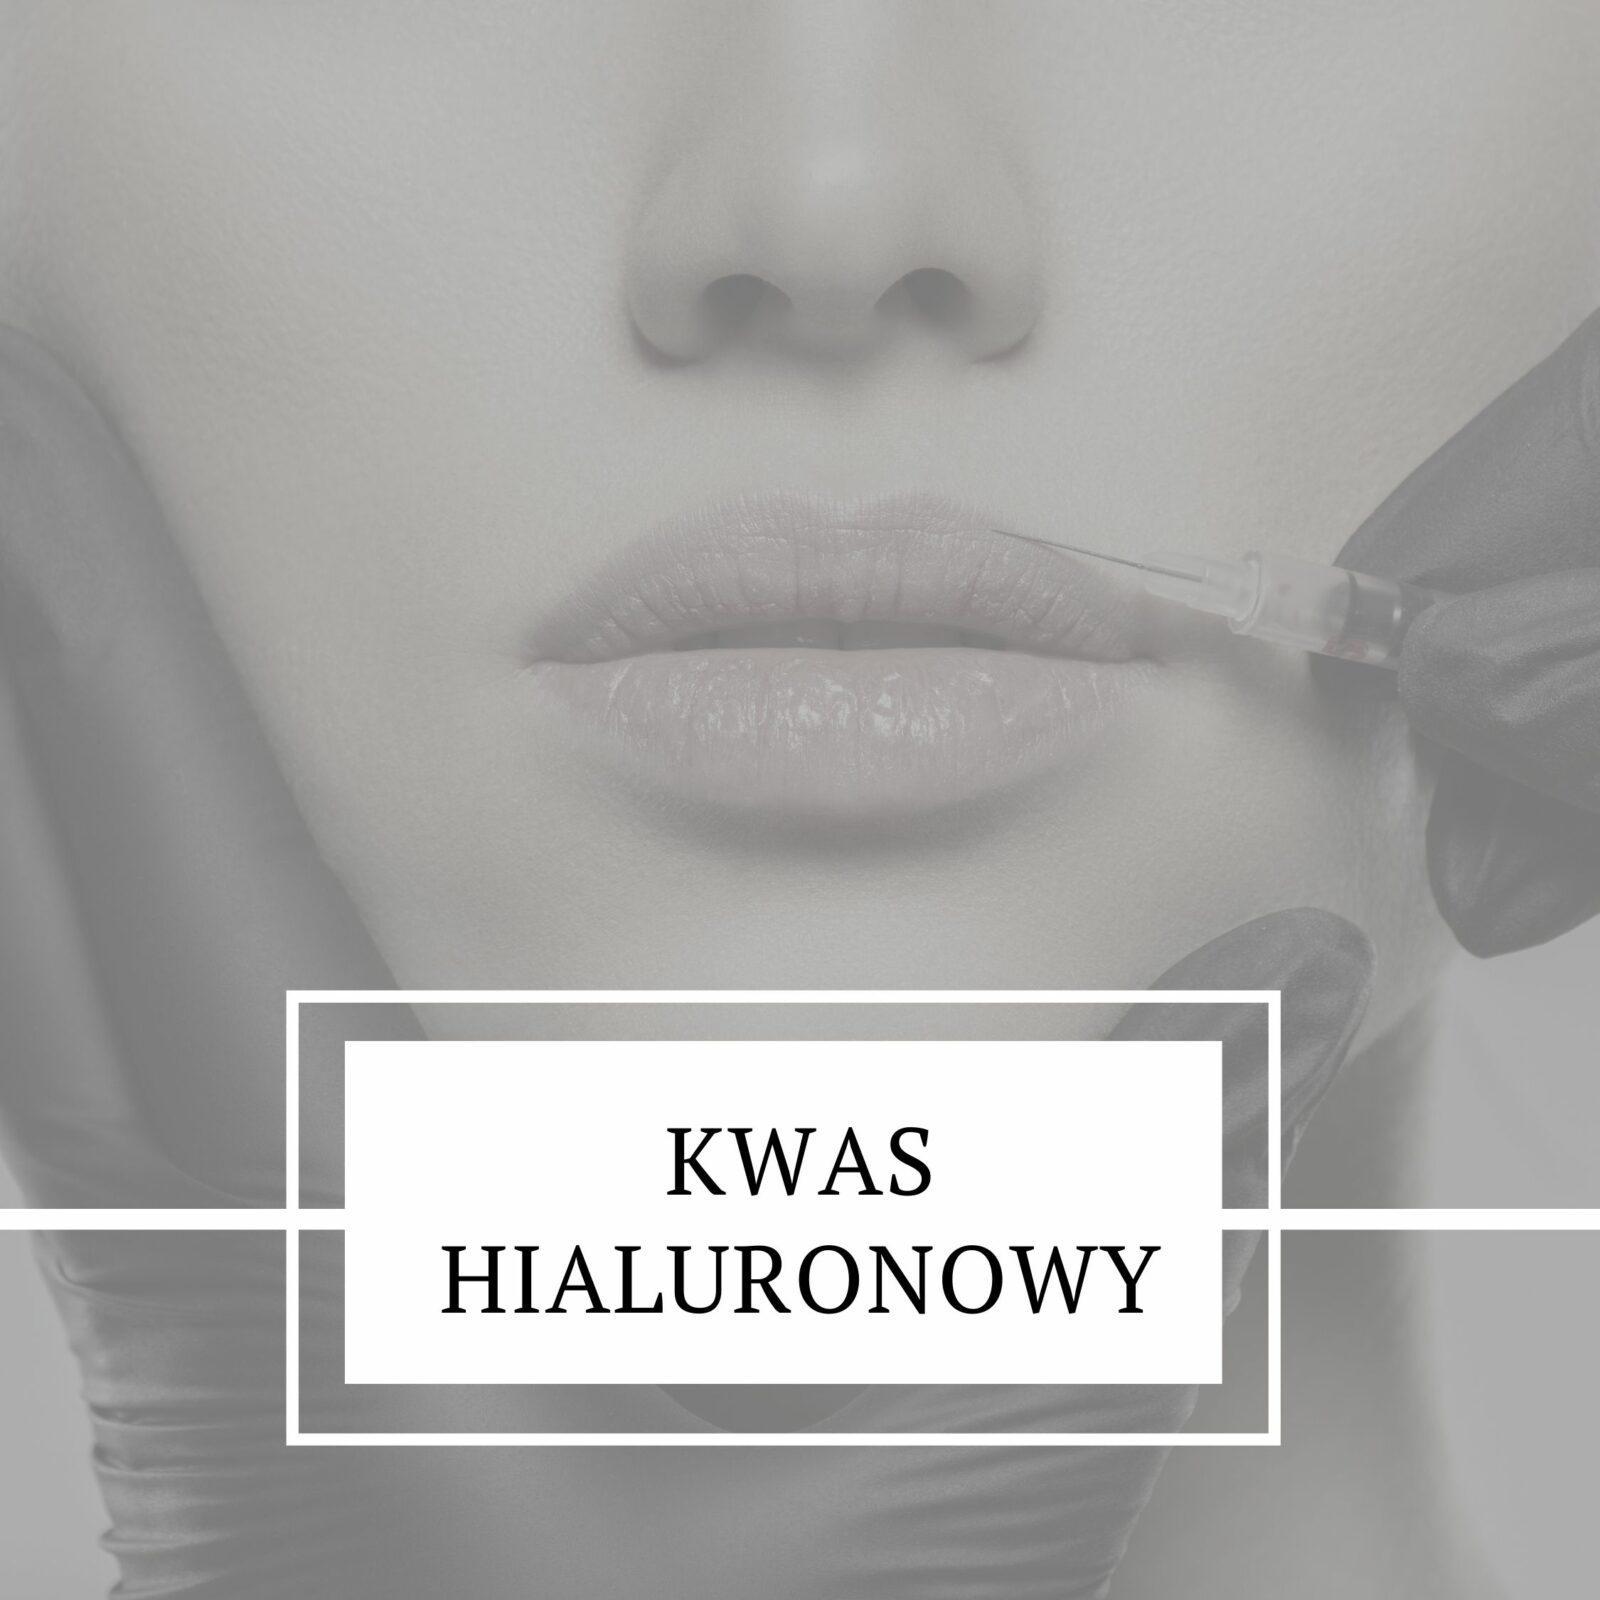 kwas hialuronowy poznań, powiększanie ust poznań